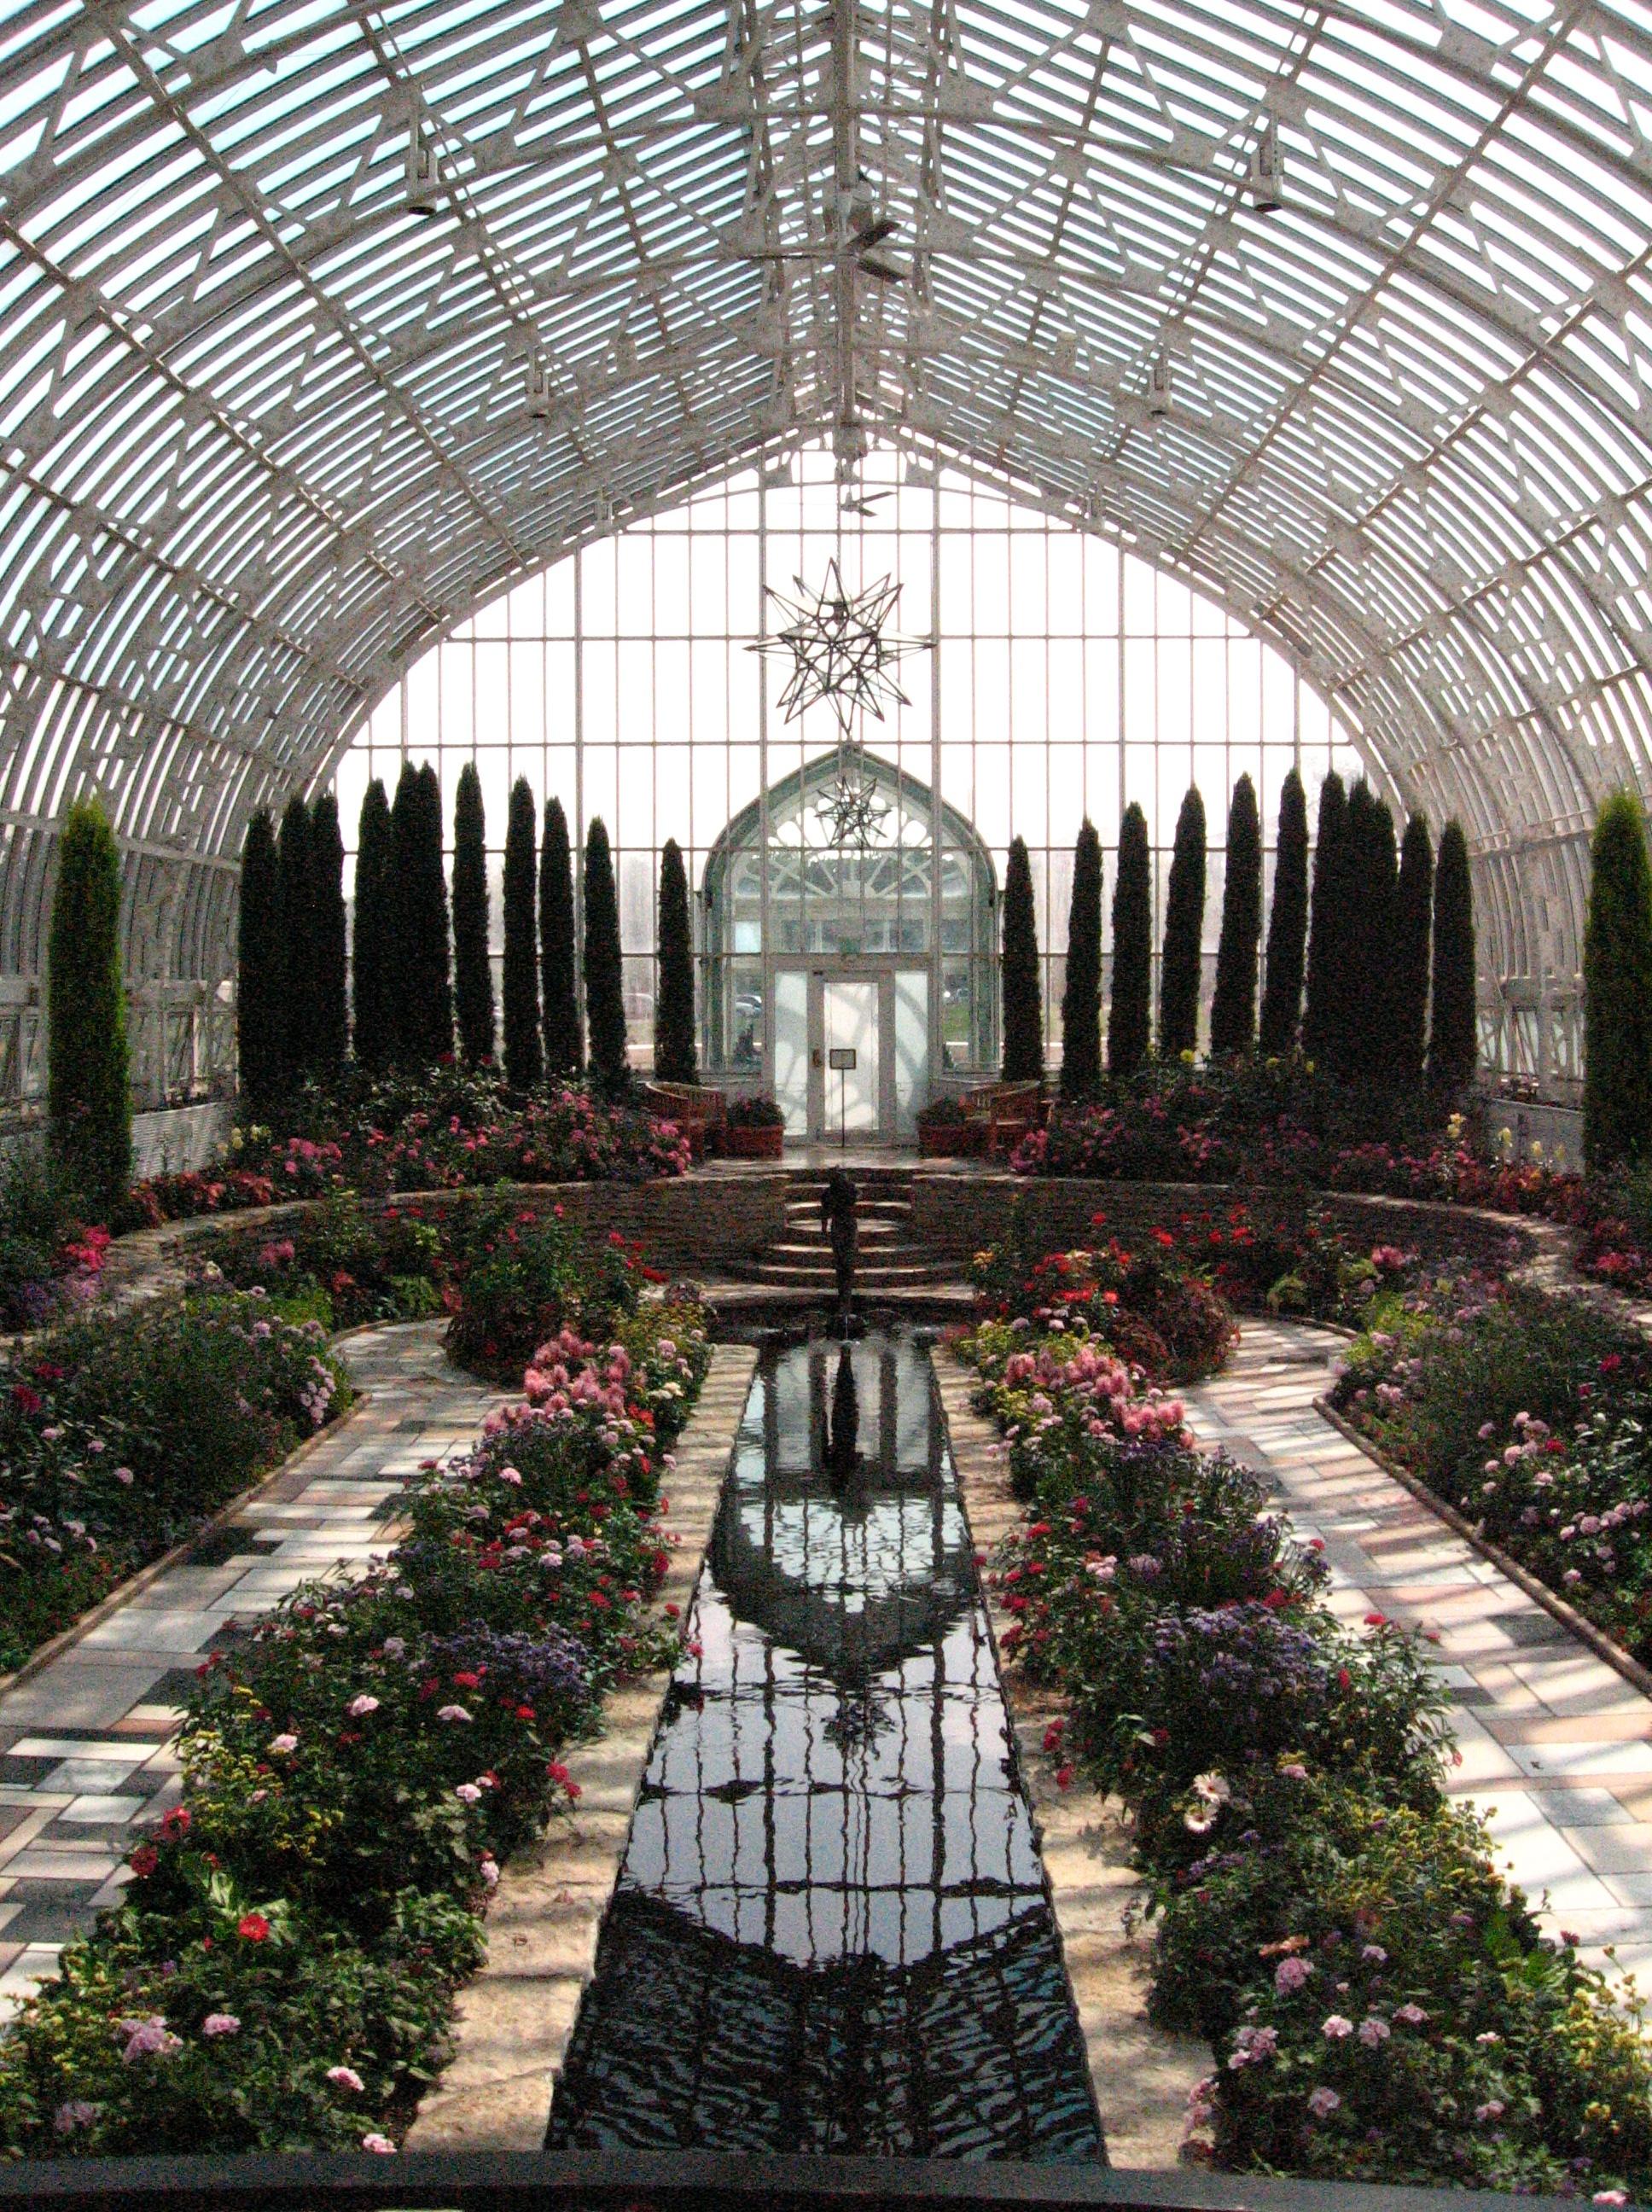 FileComo Conservatory Sunken GardenJPG